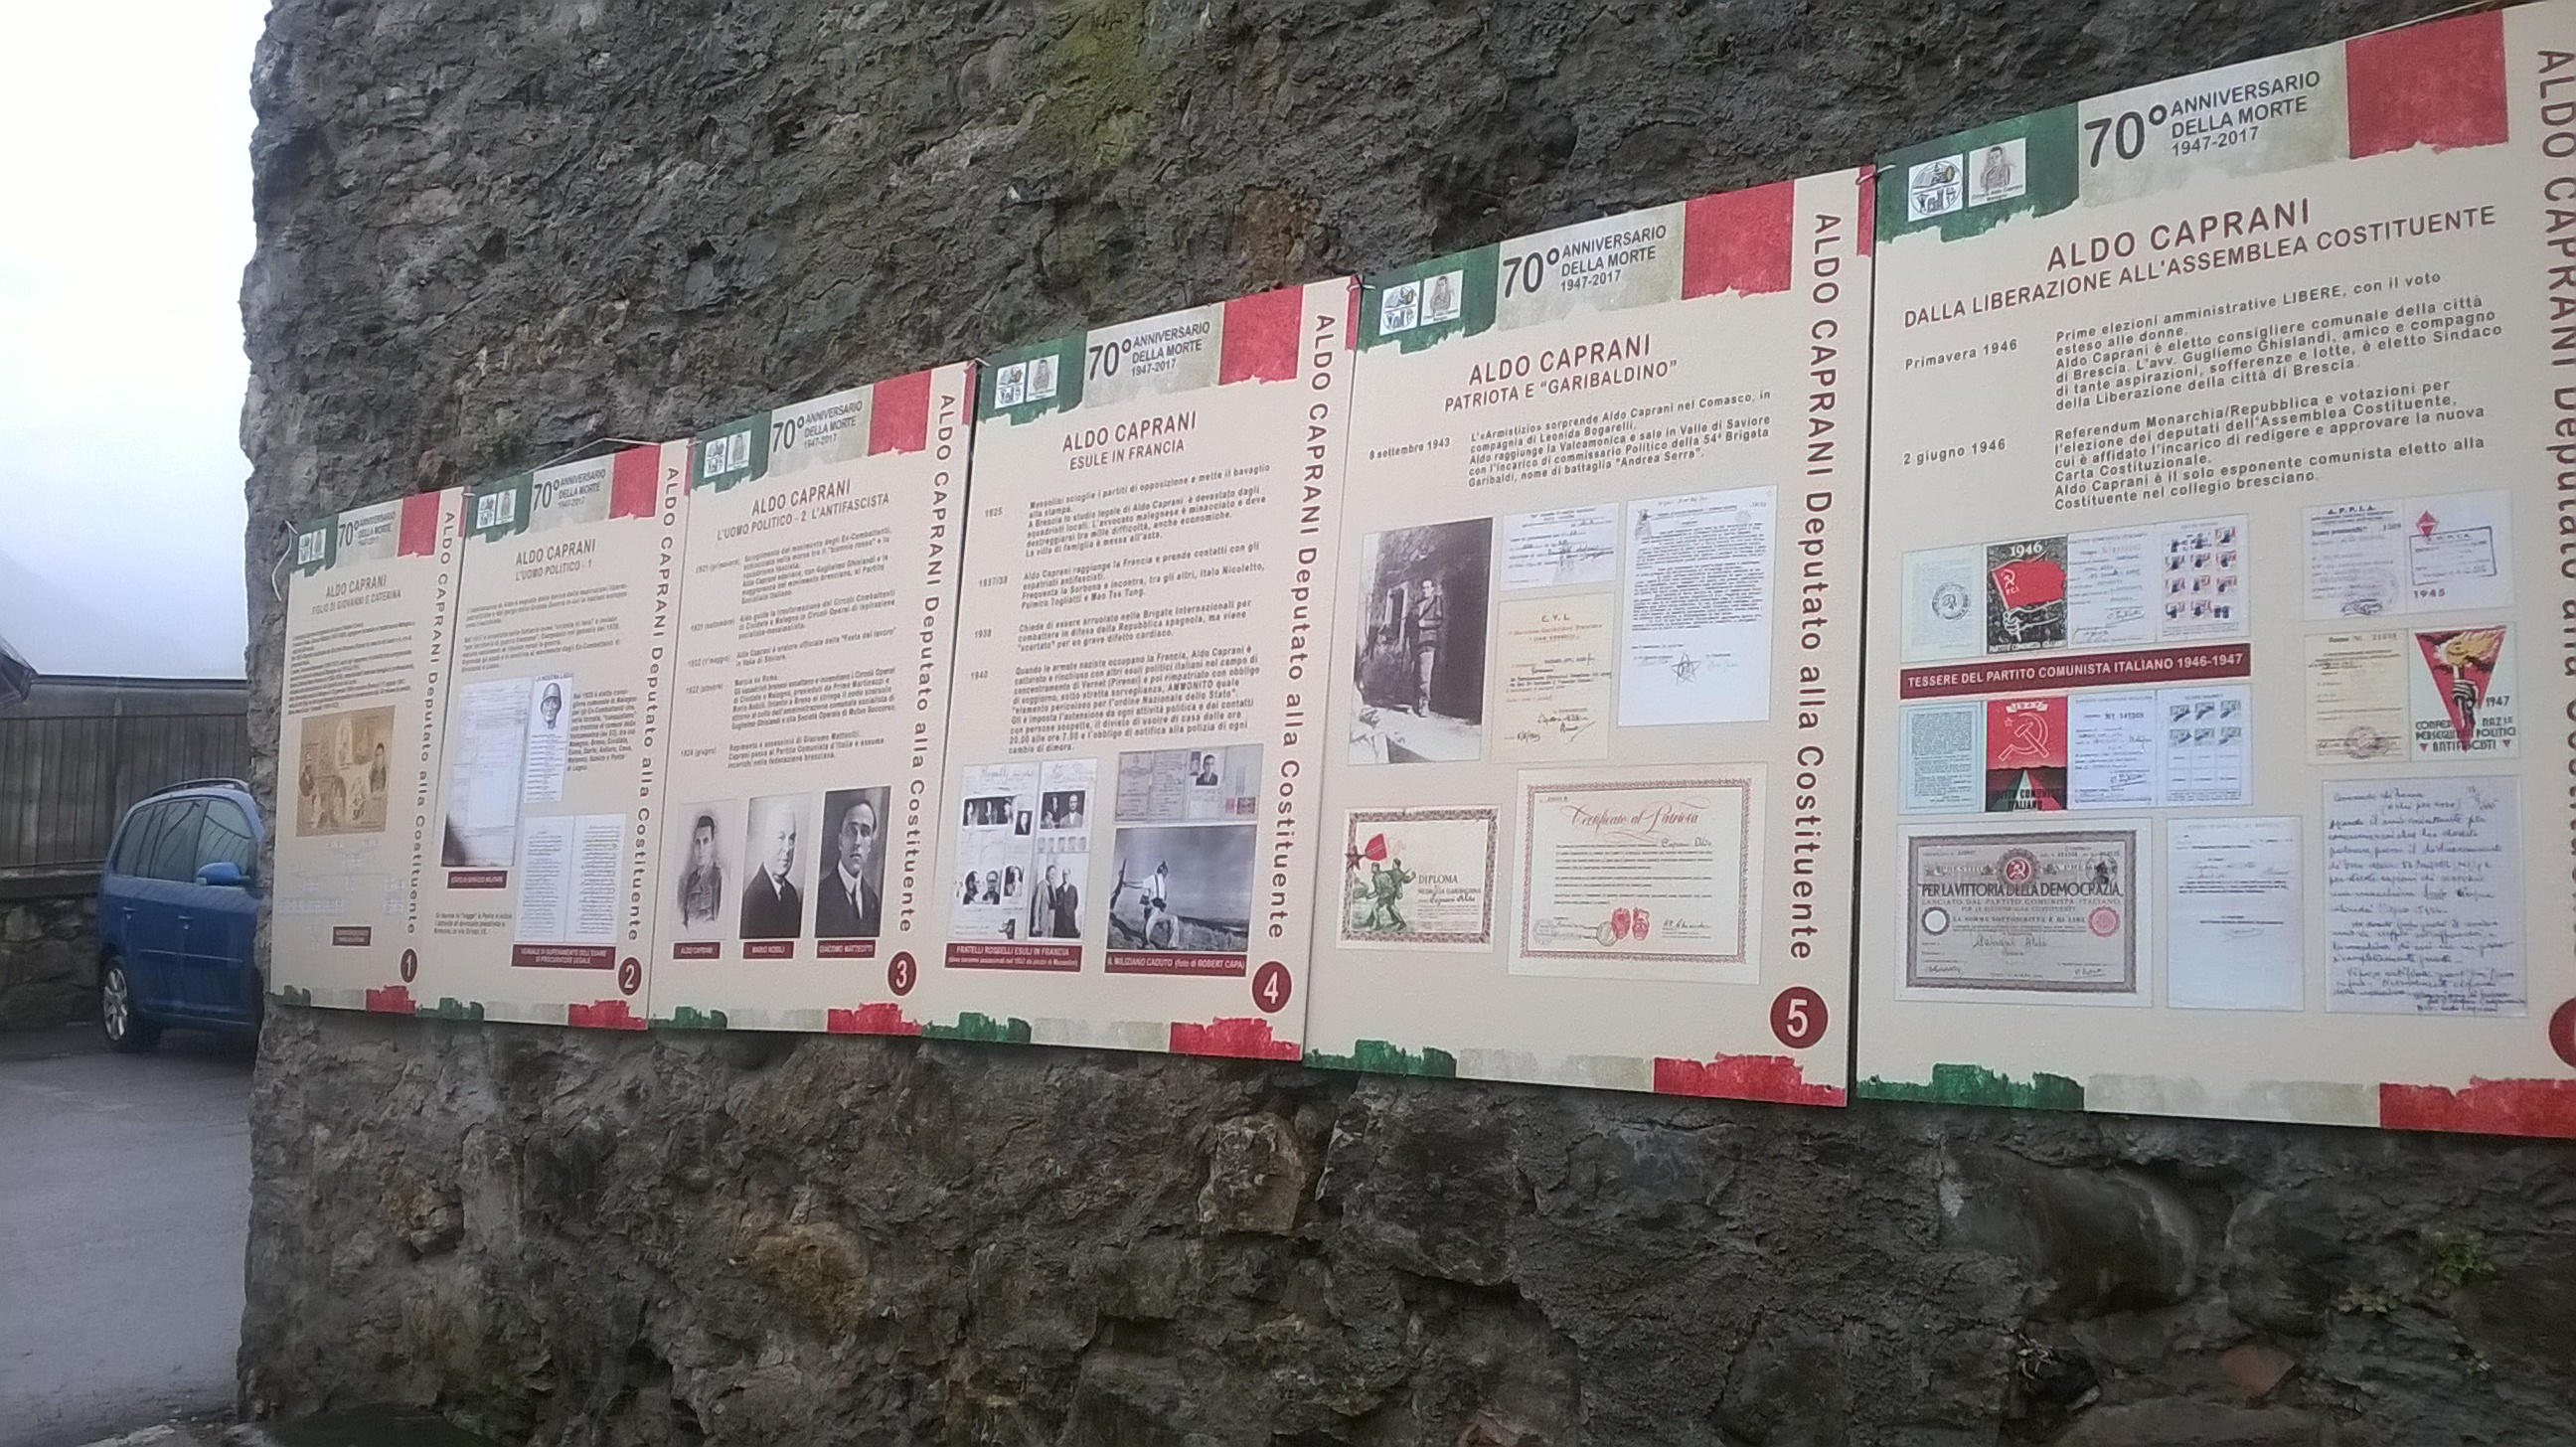 3_visita guidata alla villa Nobili e inaugurazione Mostra Aldo Caprani lunedì 1° maggio 2017